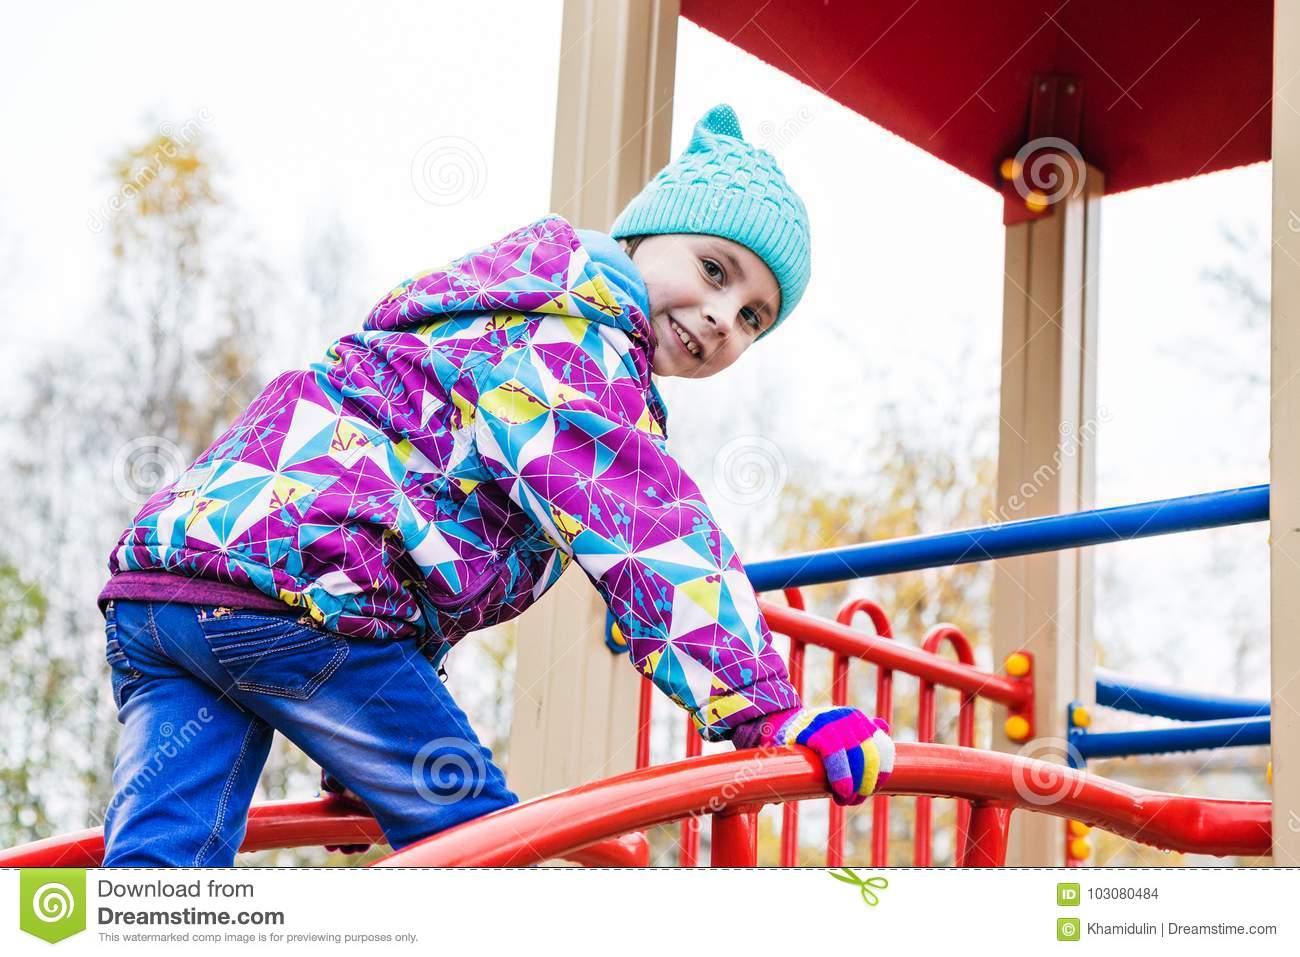 La Fille Joue L'amusement Sur Le Terrain De Jeu Photo Stock encequiconcerne Jouer A Des Jeux De Fille